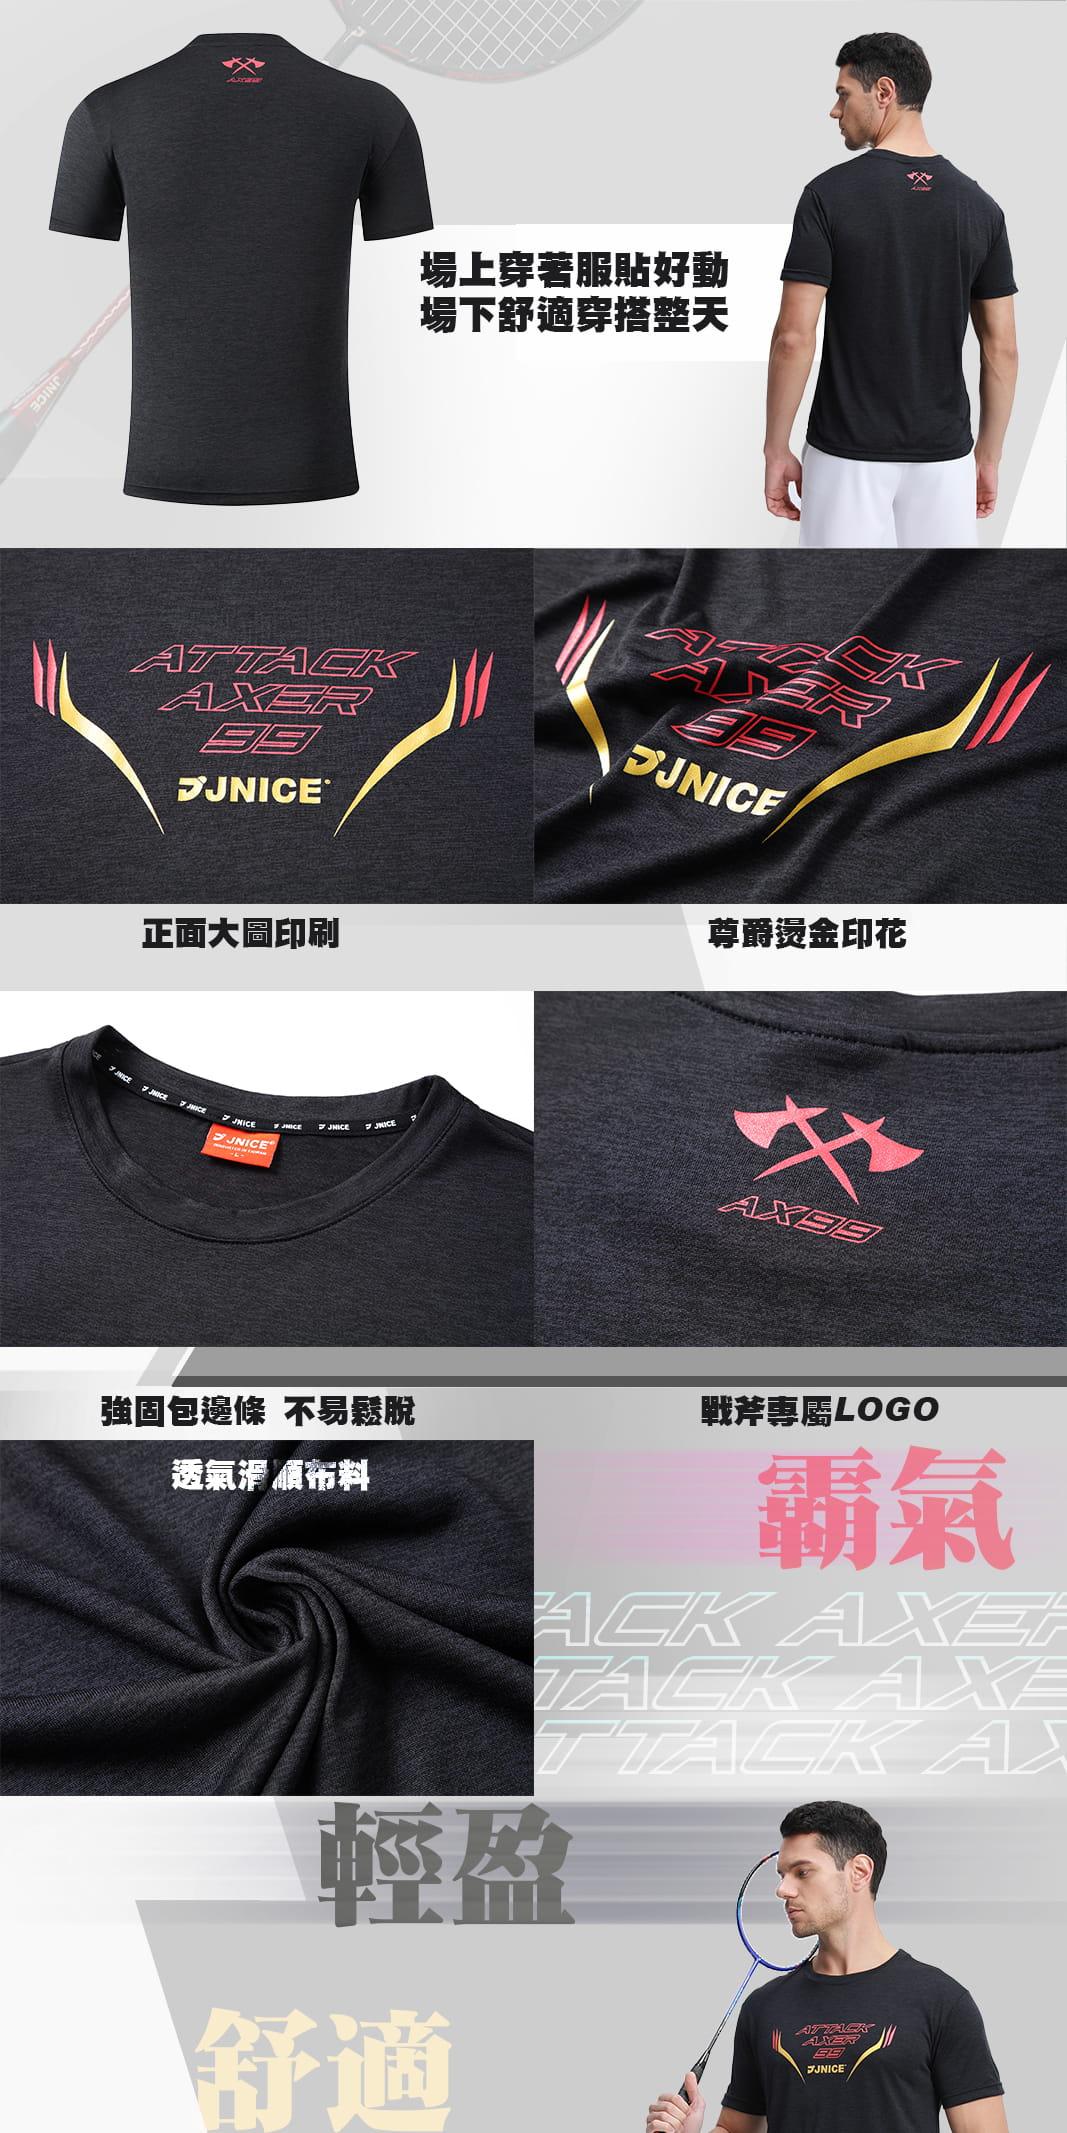 【JNICE久奈司】戰斧99主題TEE 2